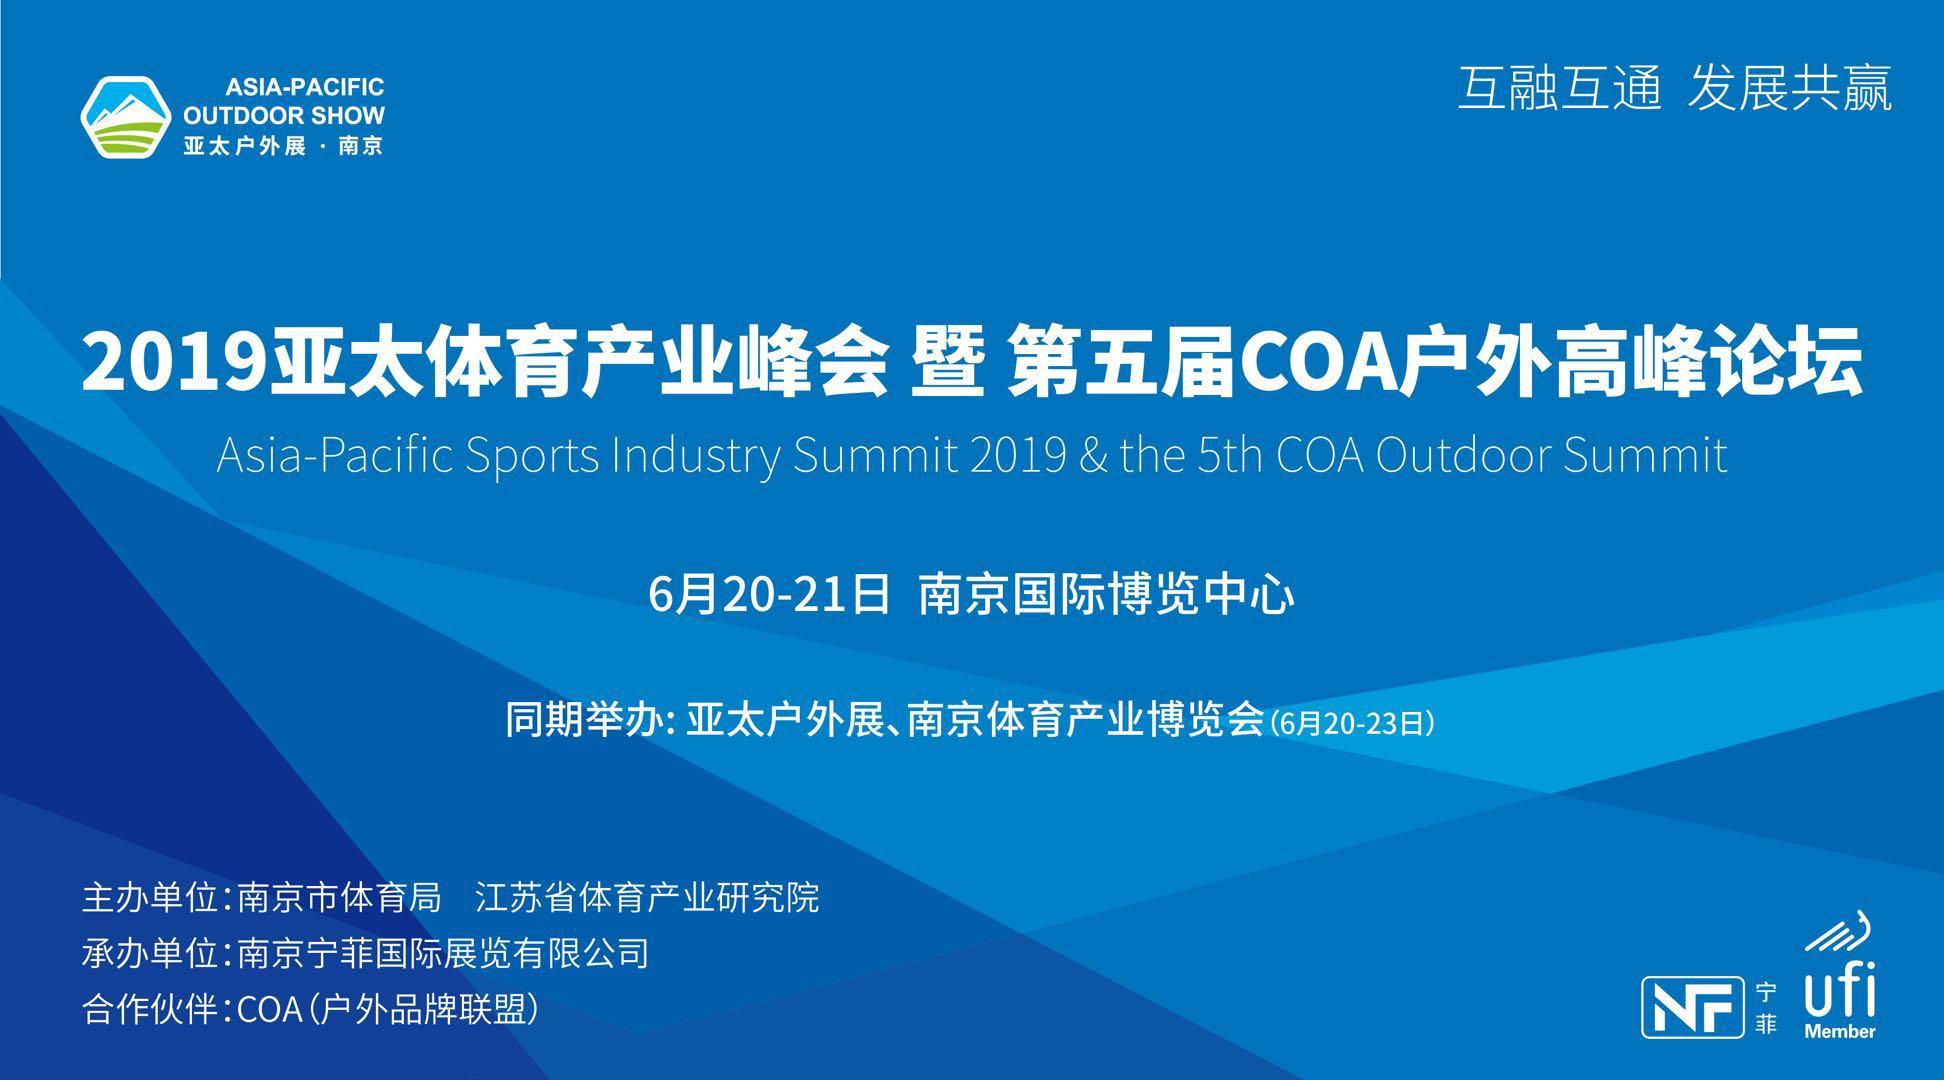 2019亚太体育产业峰会暨第五届COA户外高峰论坛落户南京!